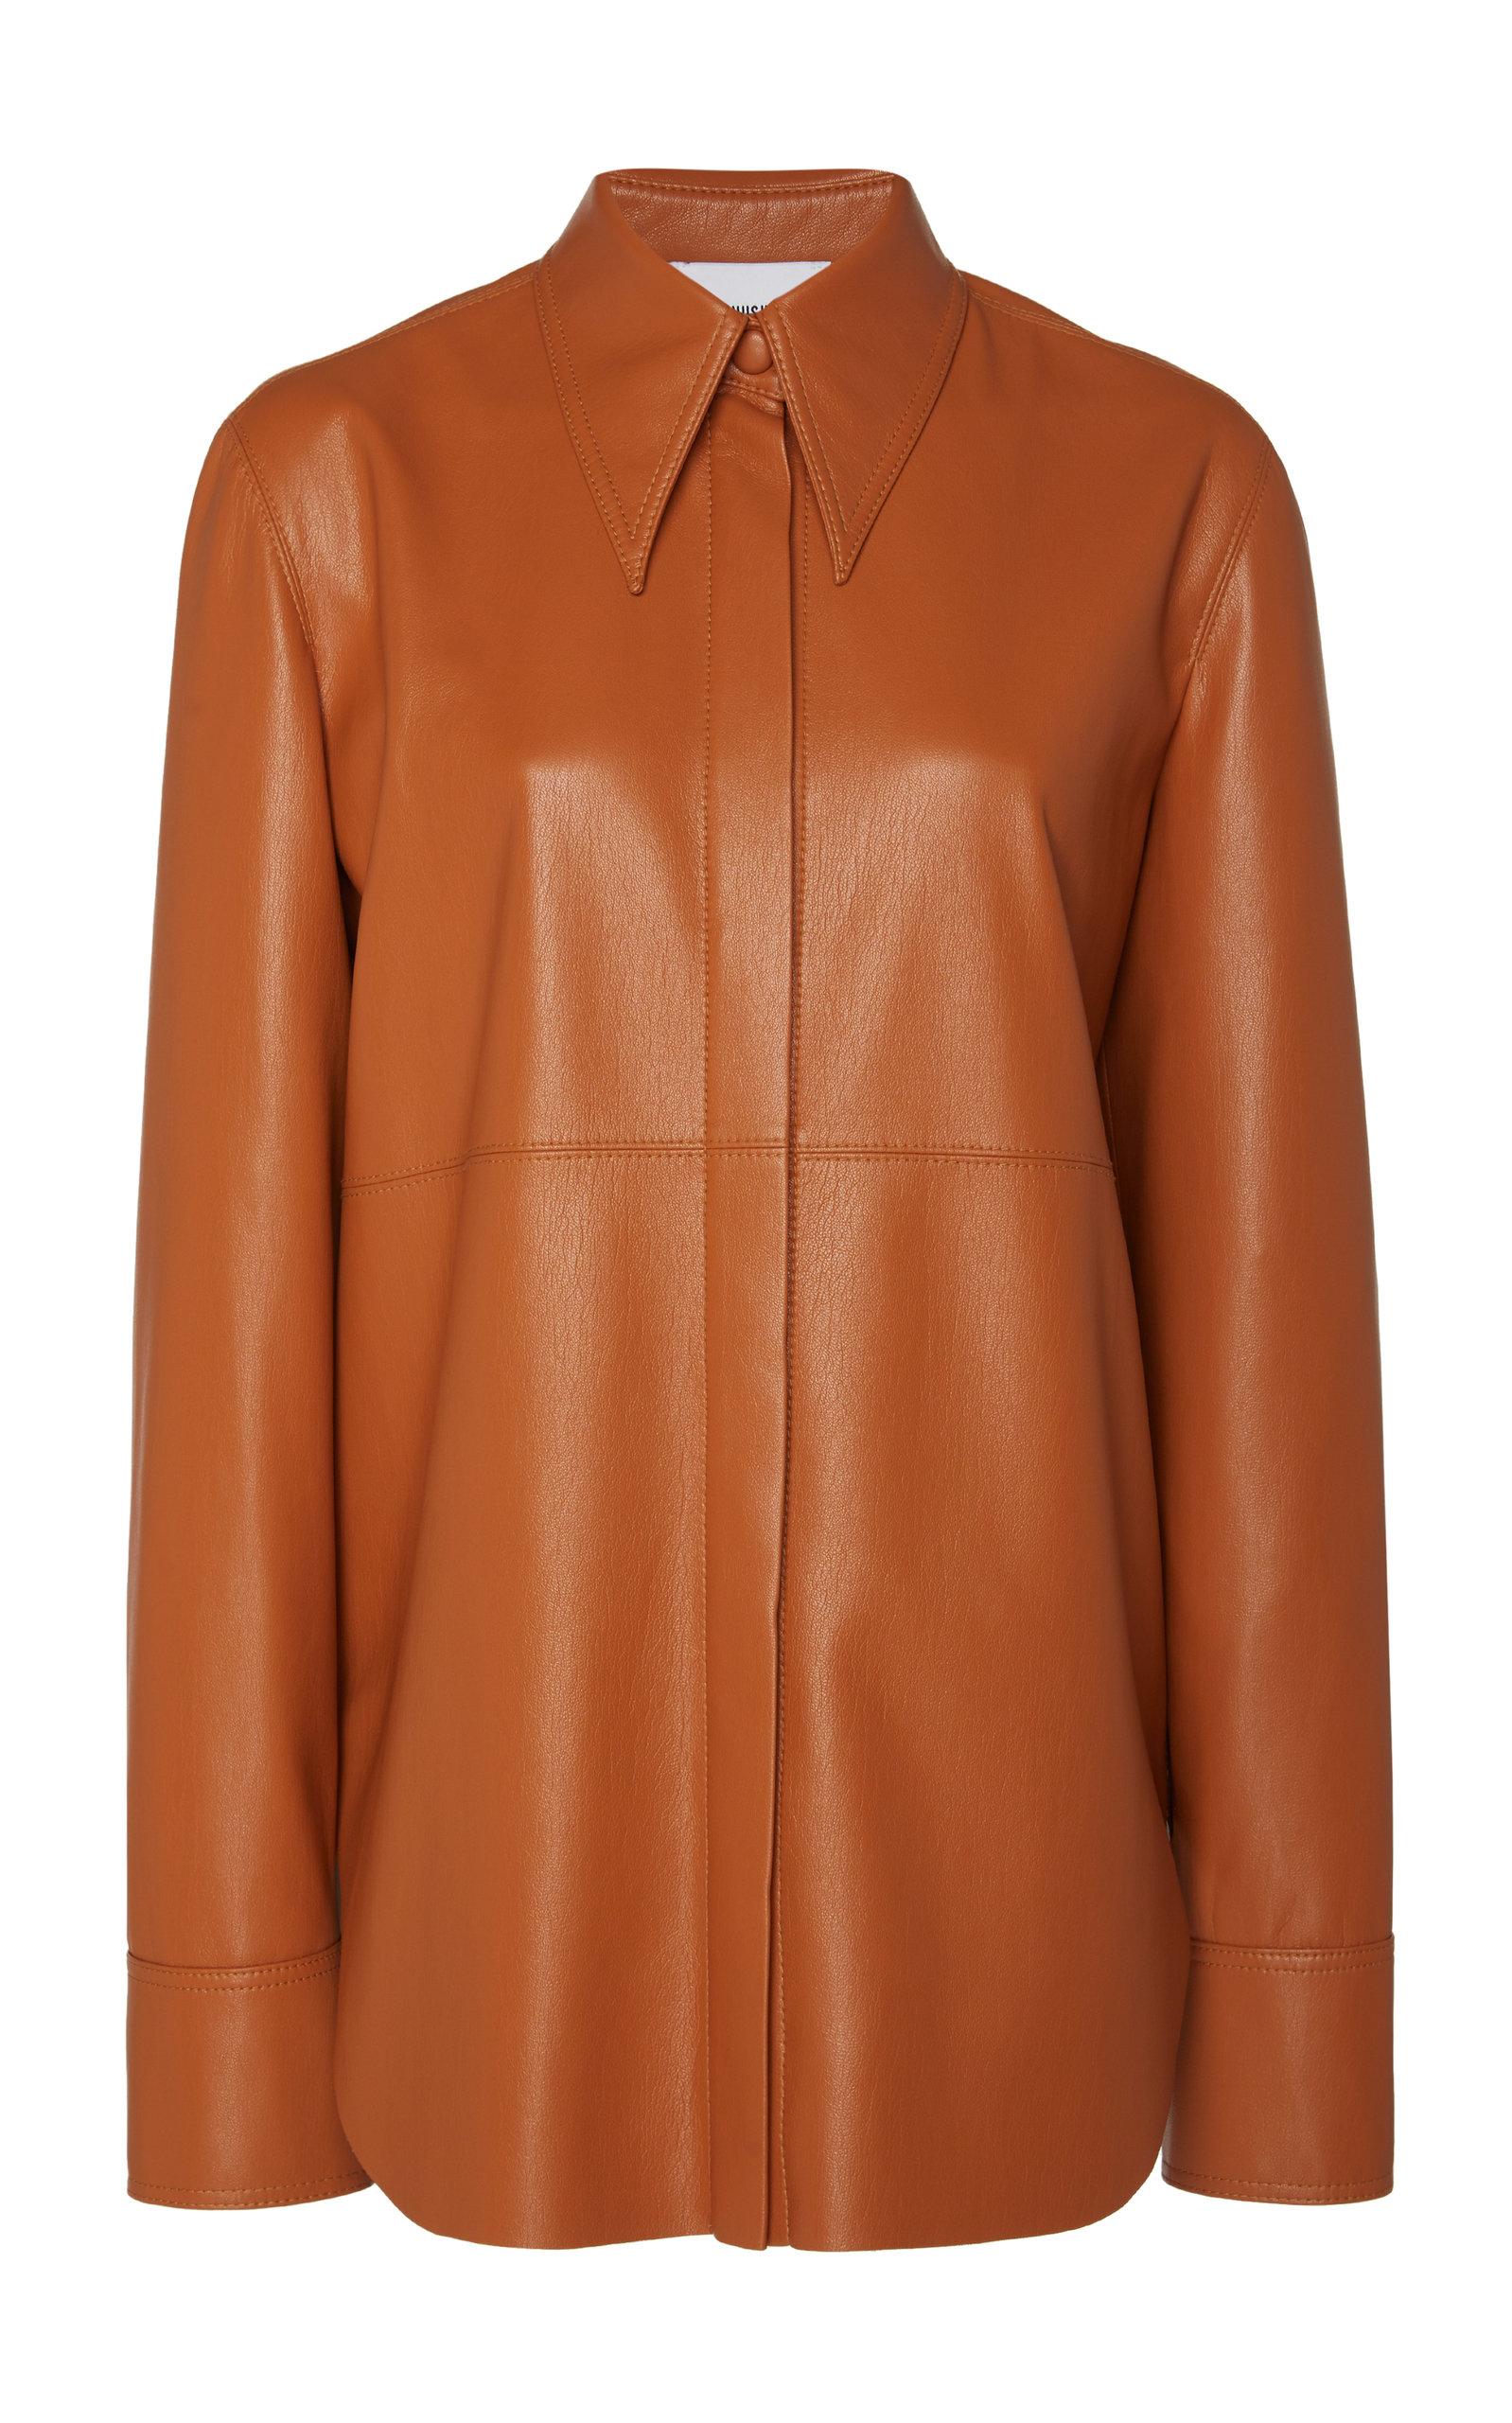 7bccbe79498d98 Noelle Oversized Vegan Leather Shirt by Nanushka | Moda Operandi